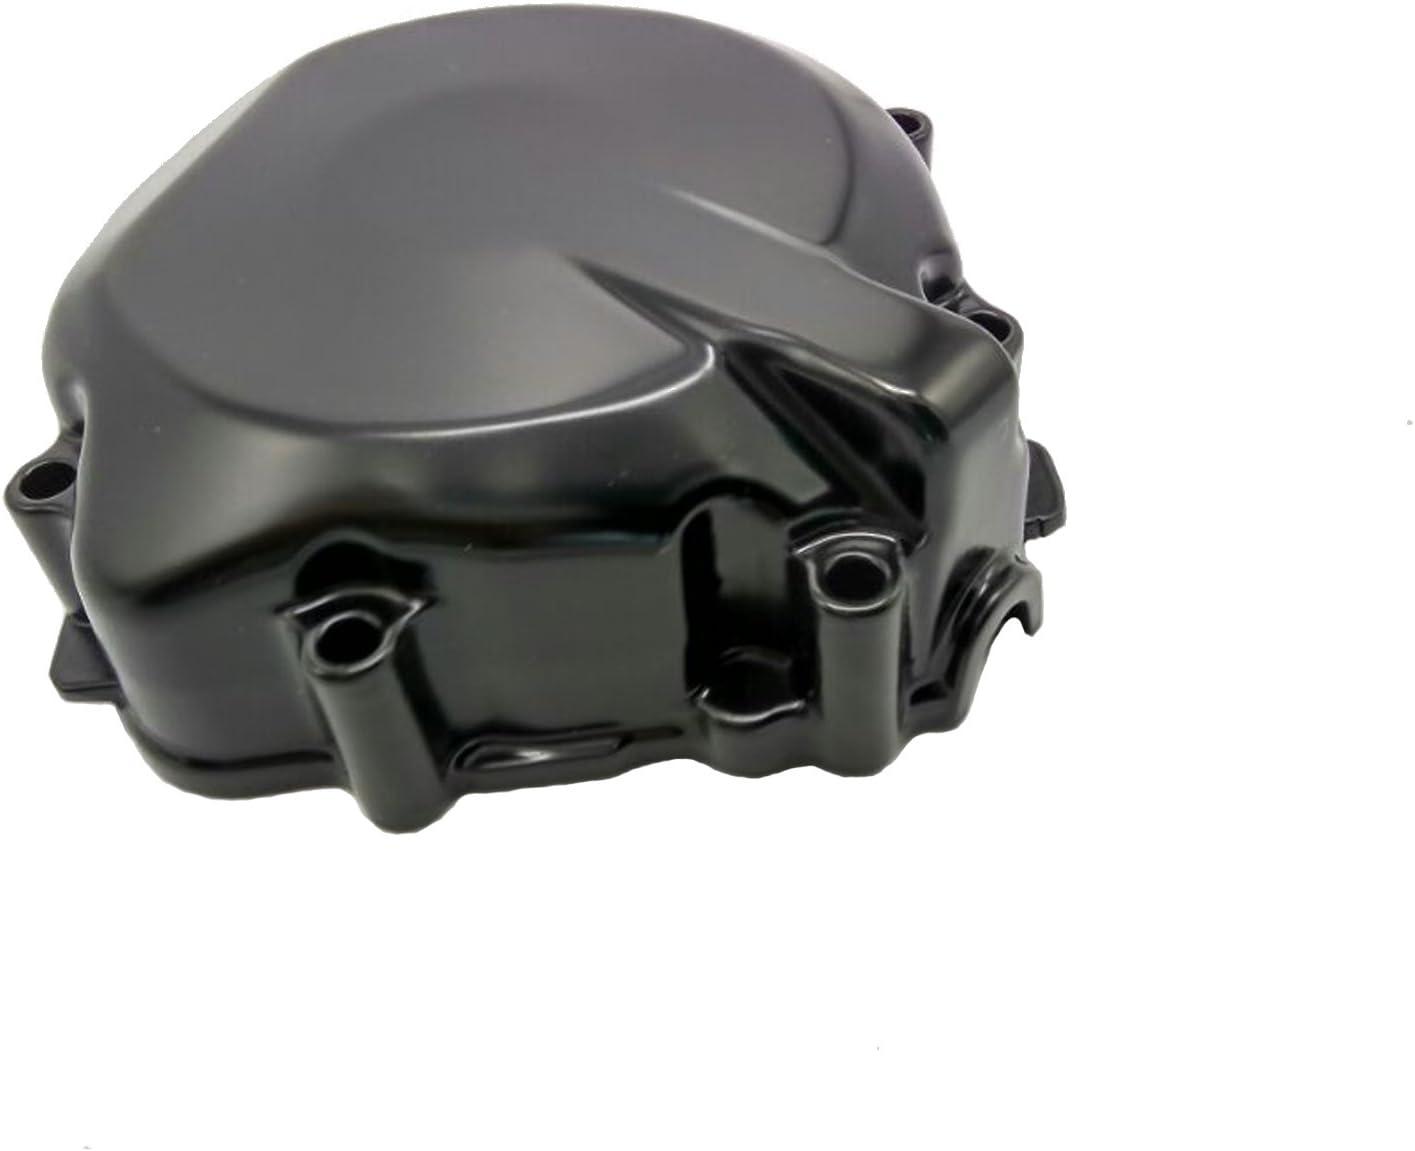 Engine Stator Crankcase Cover for Suzuki GSXR 600 750 04-05 GSXR1000 03-04 GSR400 GSR600 06-11